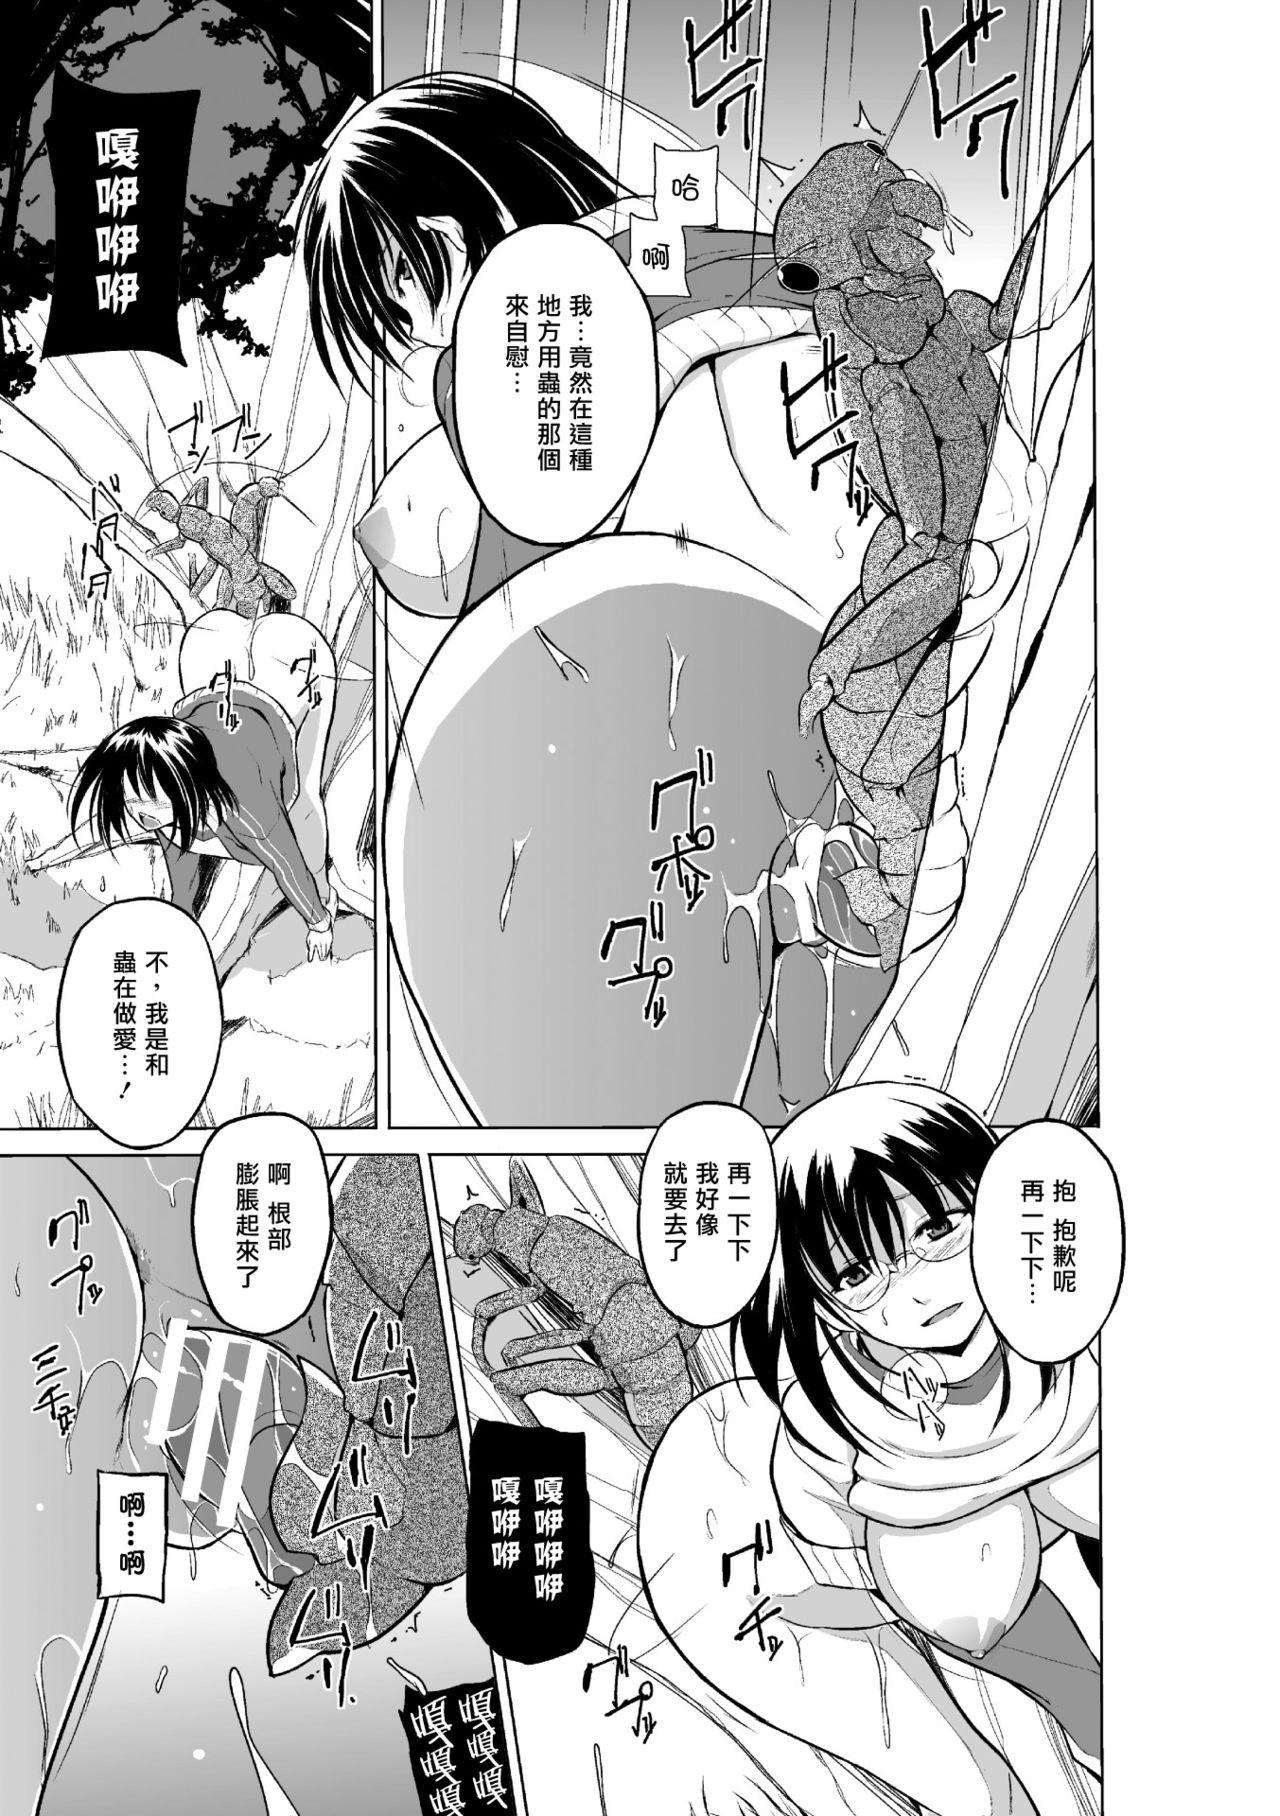 Mushi Yuugi 2 Ch. 1 14